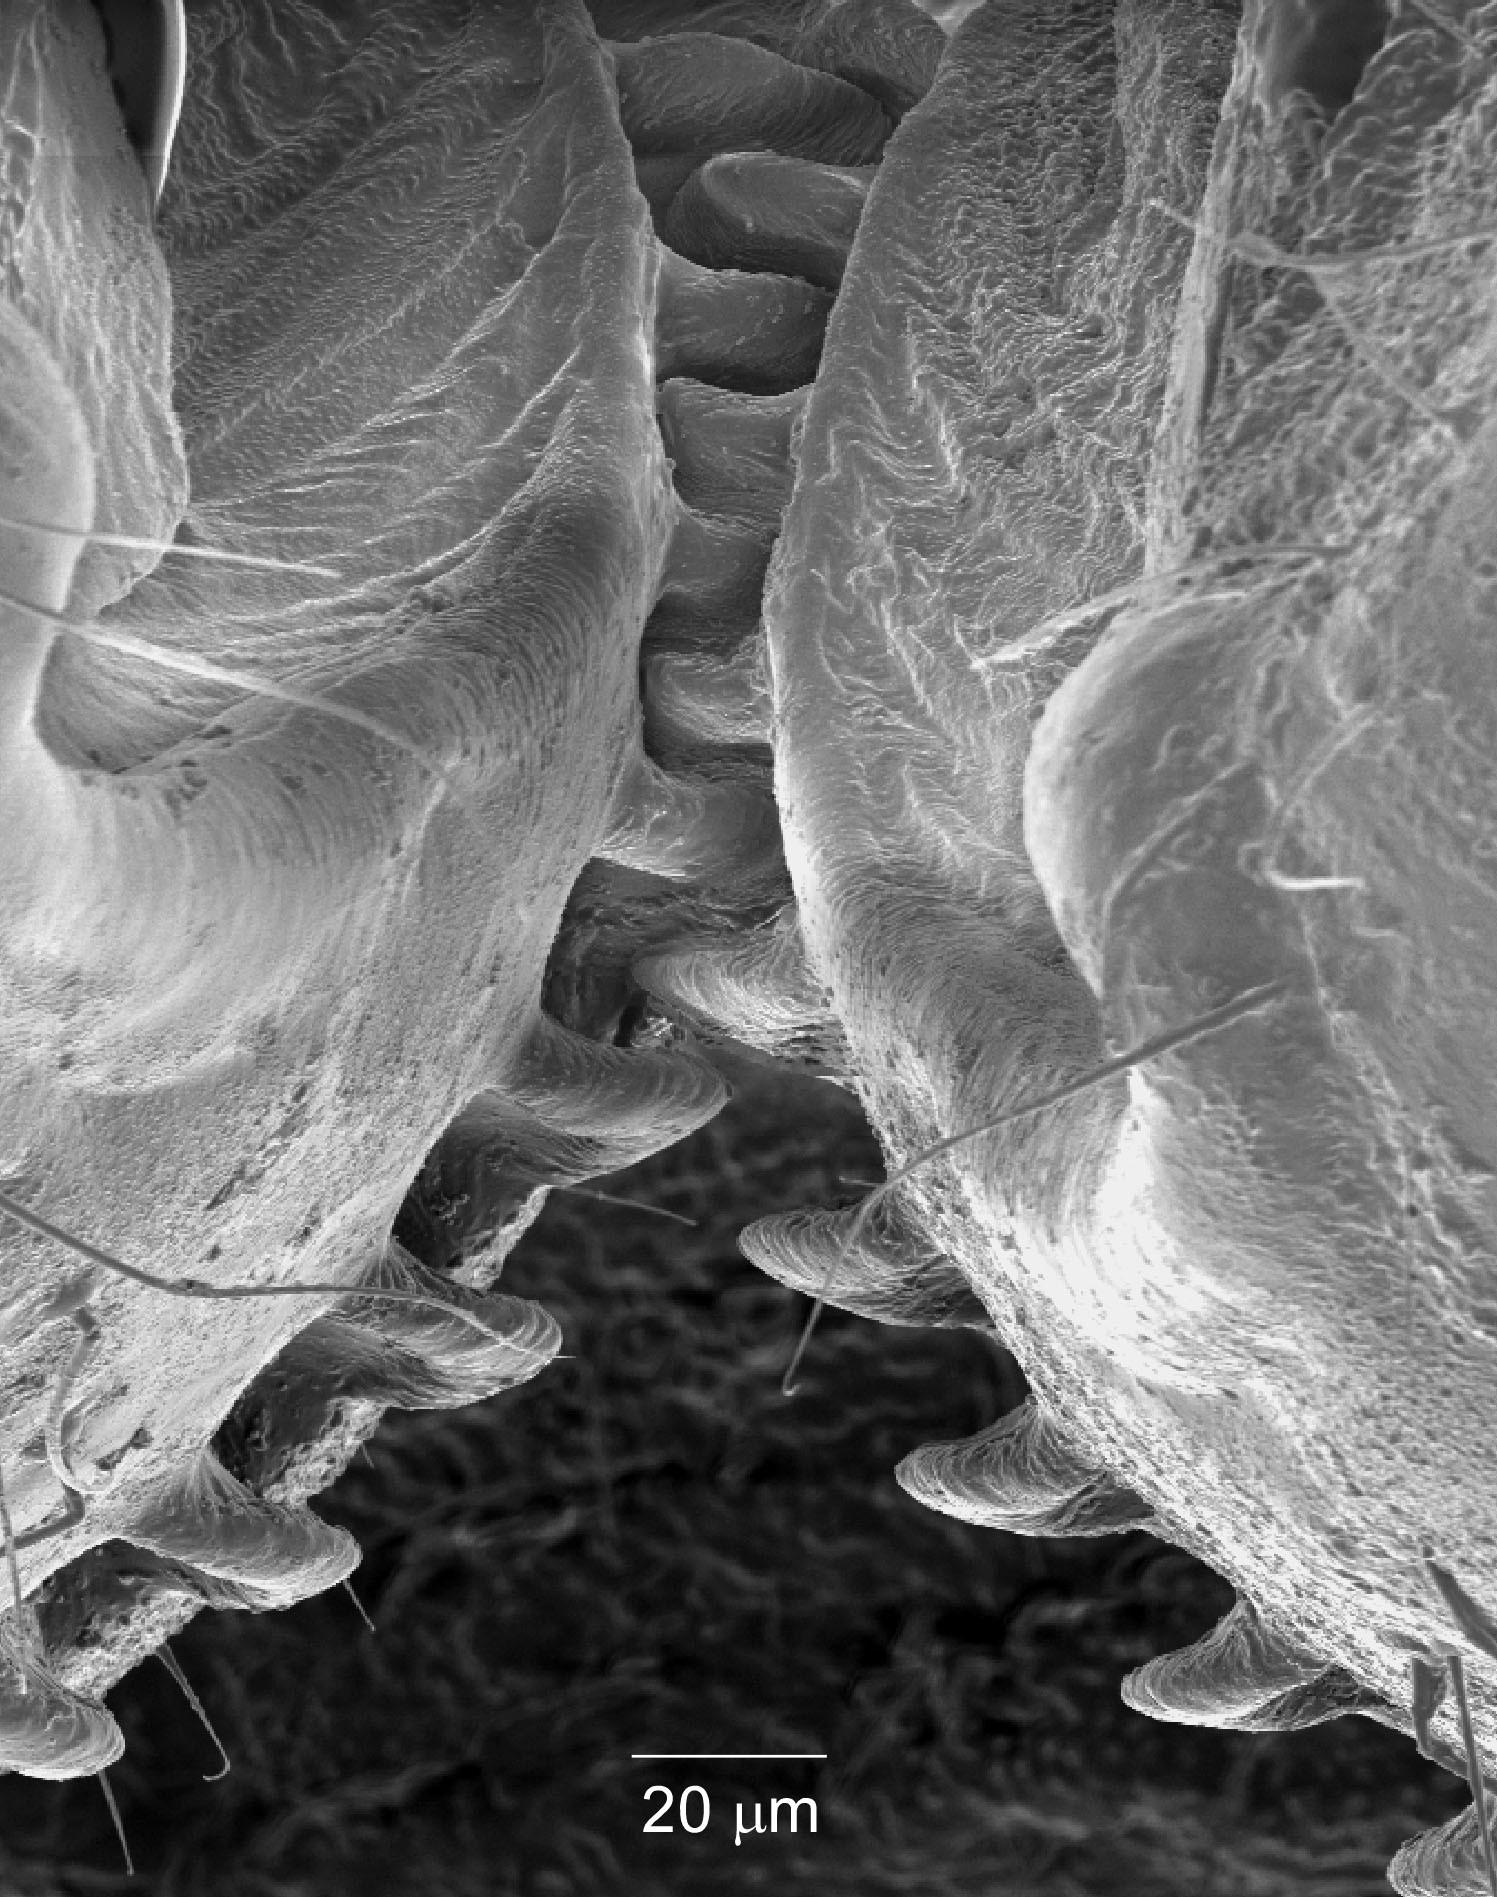 Imagem feita com equipamento especializado mostra as engrenagens existentes nas pernas de insetos do gênero Issus (Foto: Malcolm Burrows/Science)